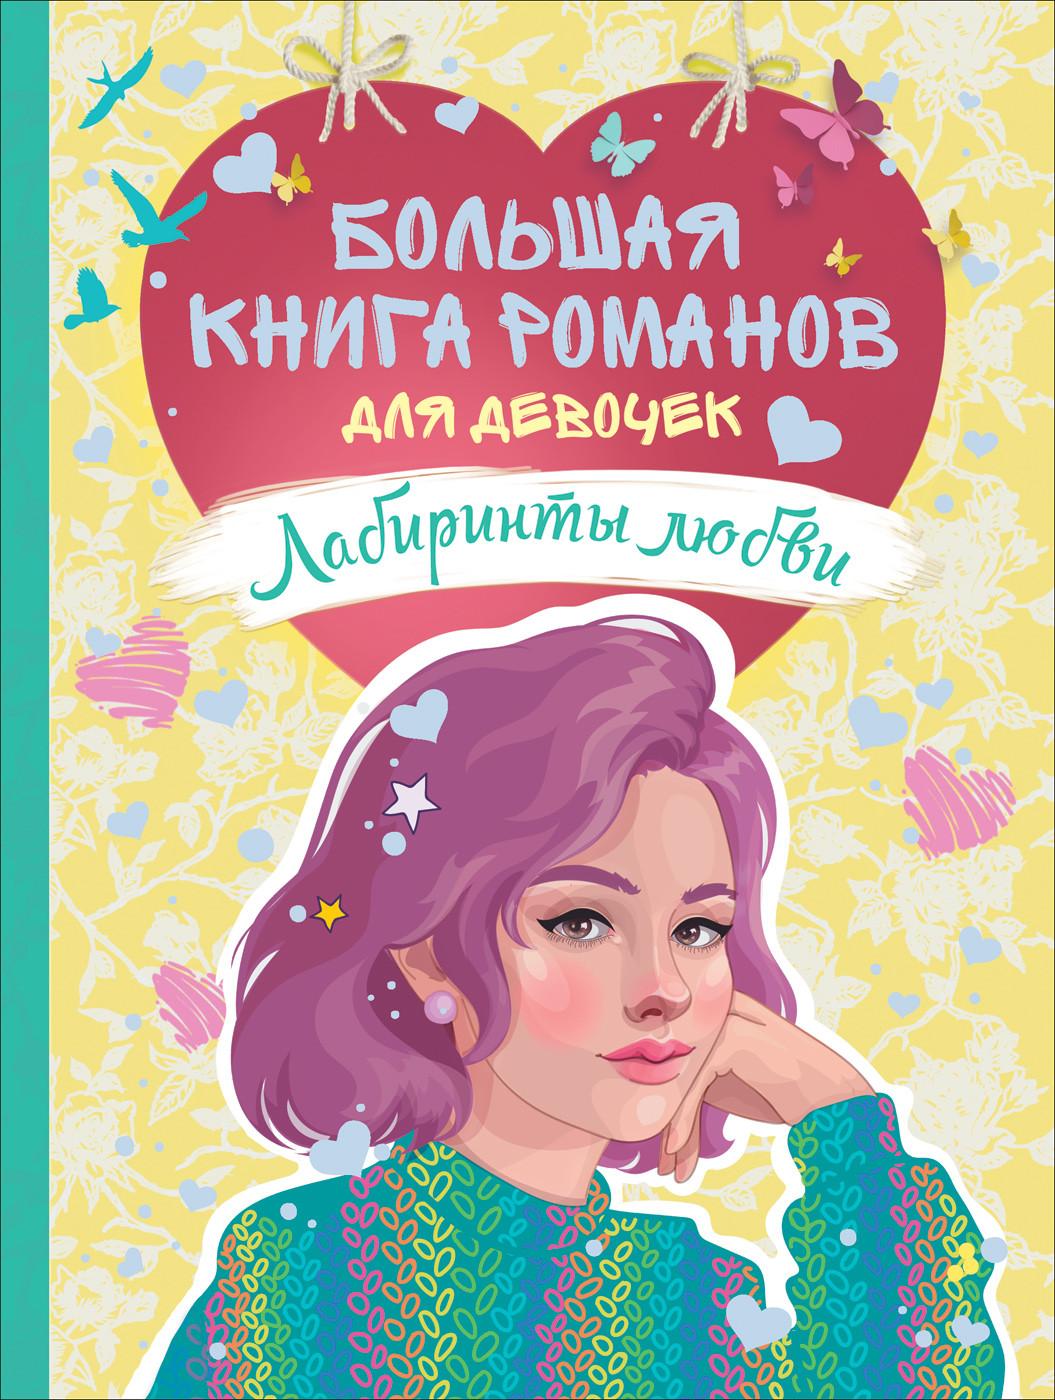 Никольская А., Смелик Э., Евсеева М. и др. Большая книга романов для девочек. Лабиринты любви